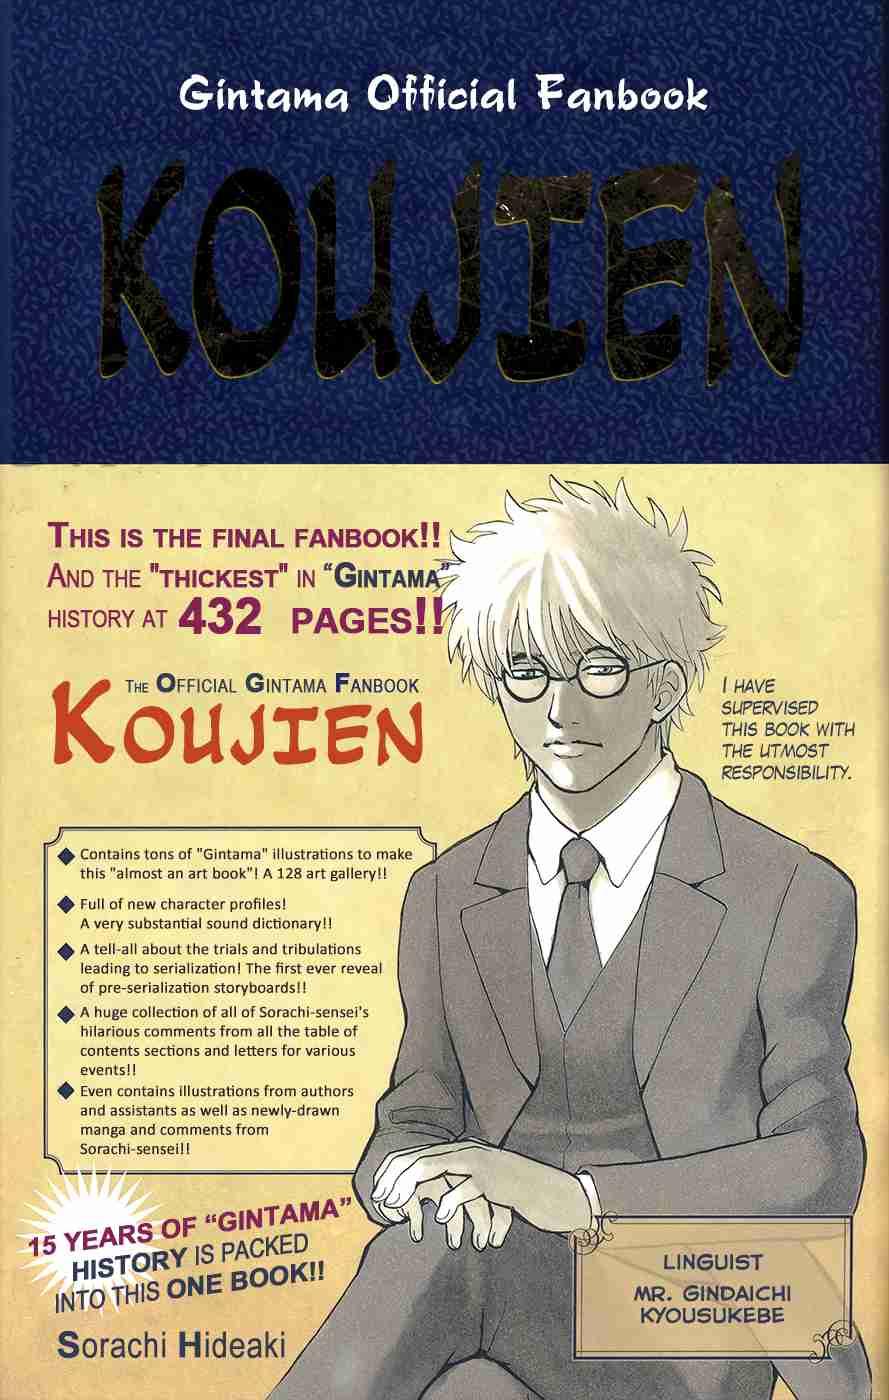 https://manga.mangadogs.com/comics/pic2/18/210/825150/0cc1387316a0688534821697a927fb0b.jpg Page 1